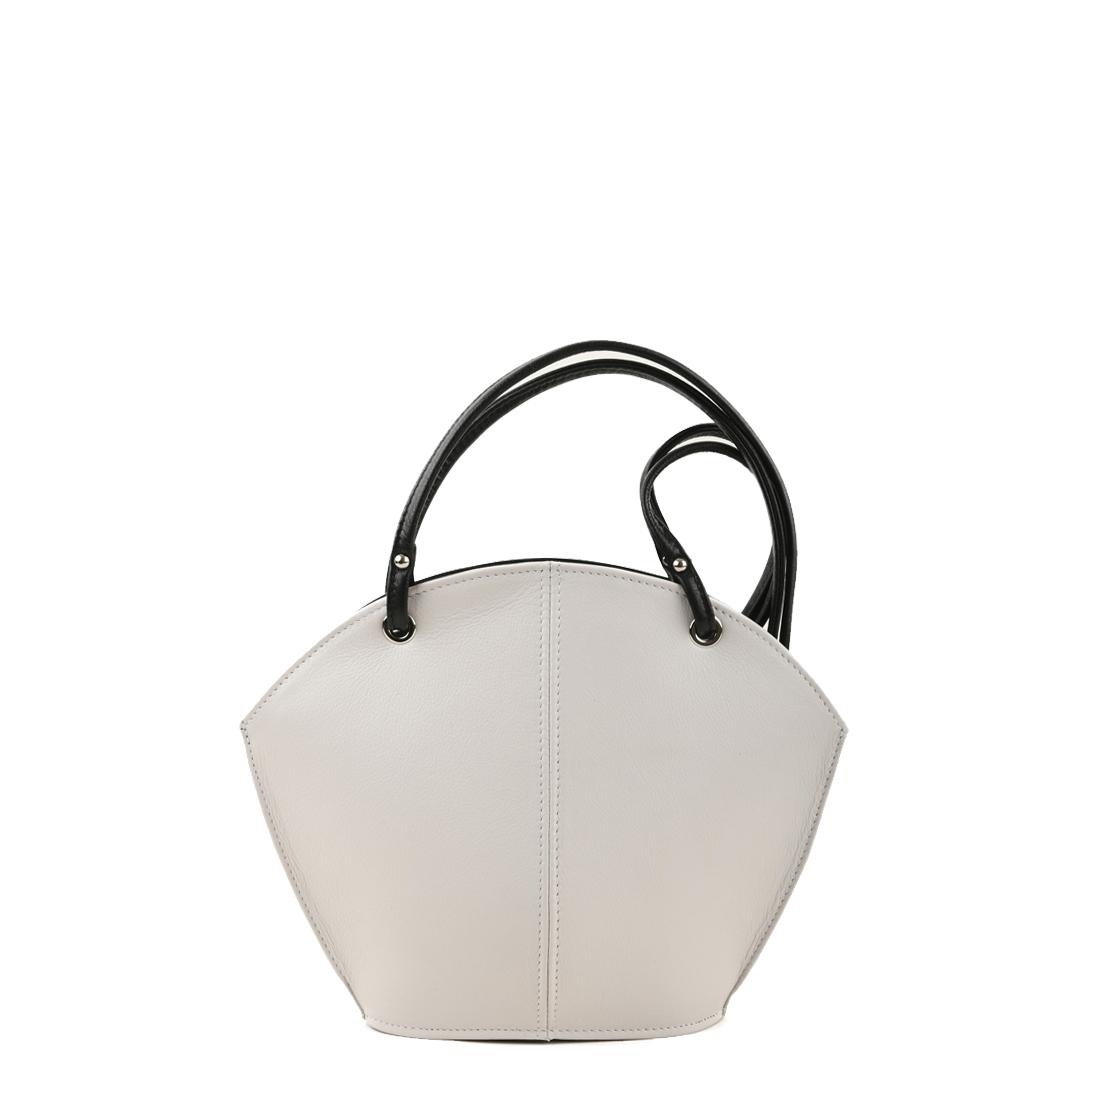 Ava Bianco Leather Shoulder Bag